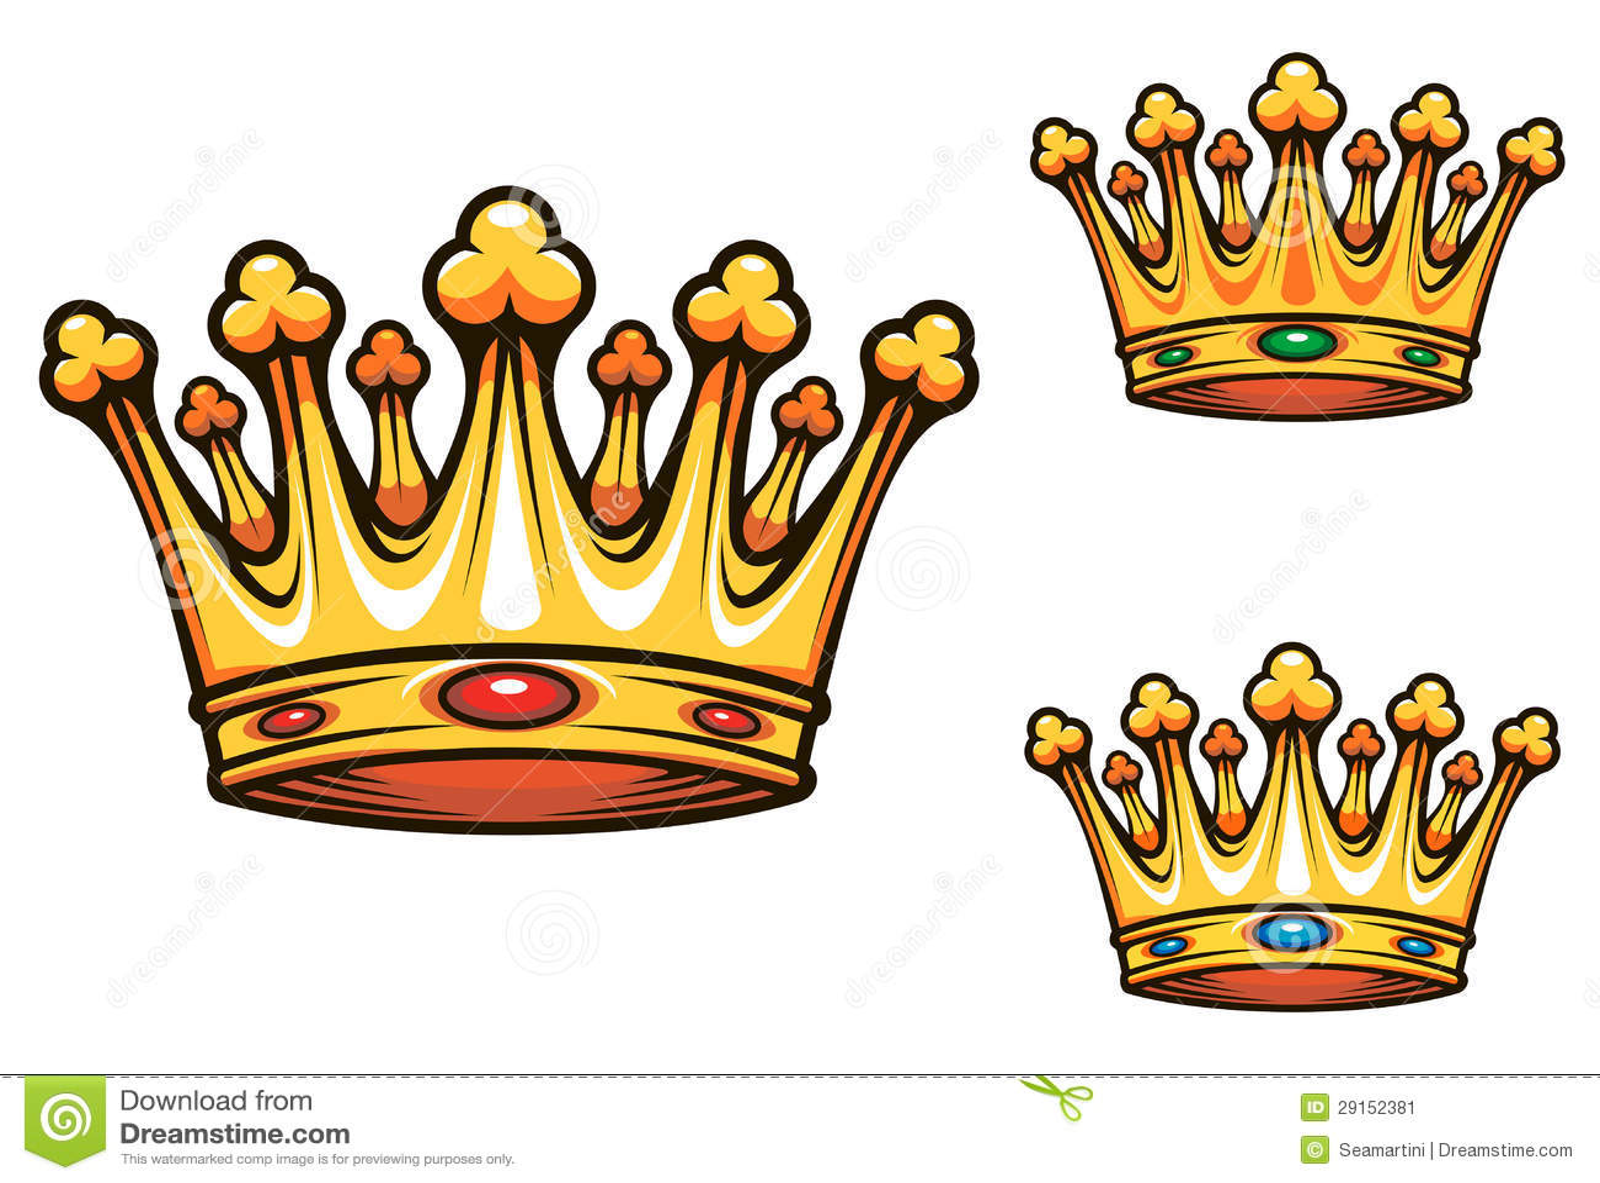 Manualidades para niños, 6 coronas de cumpleaños - Pequeocio